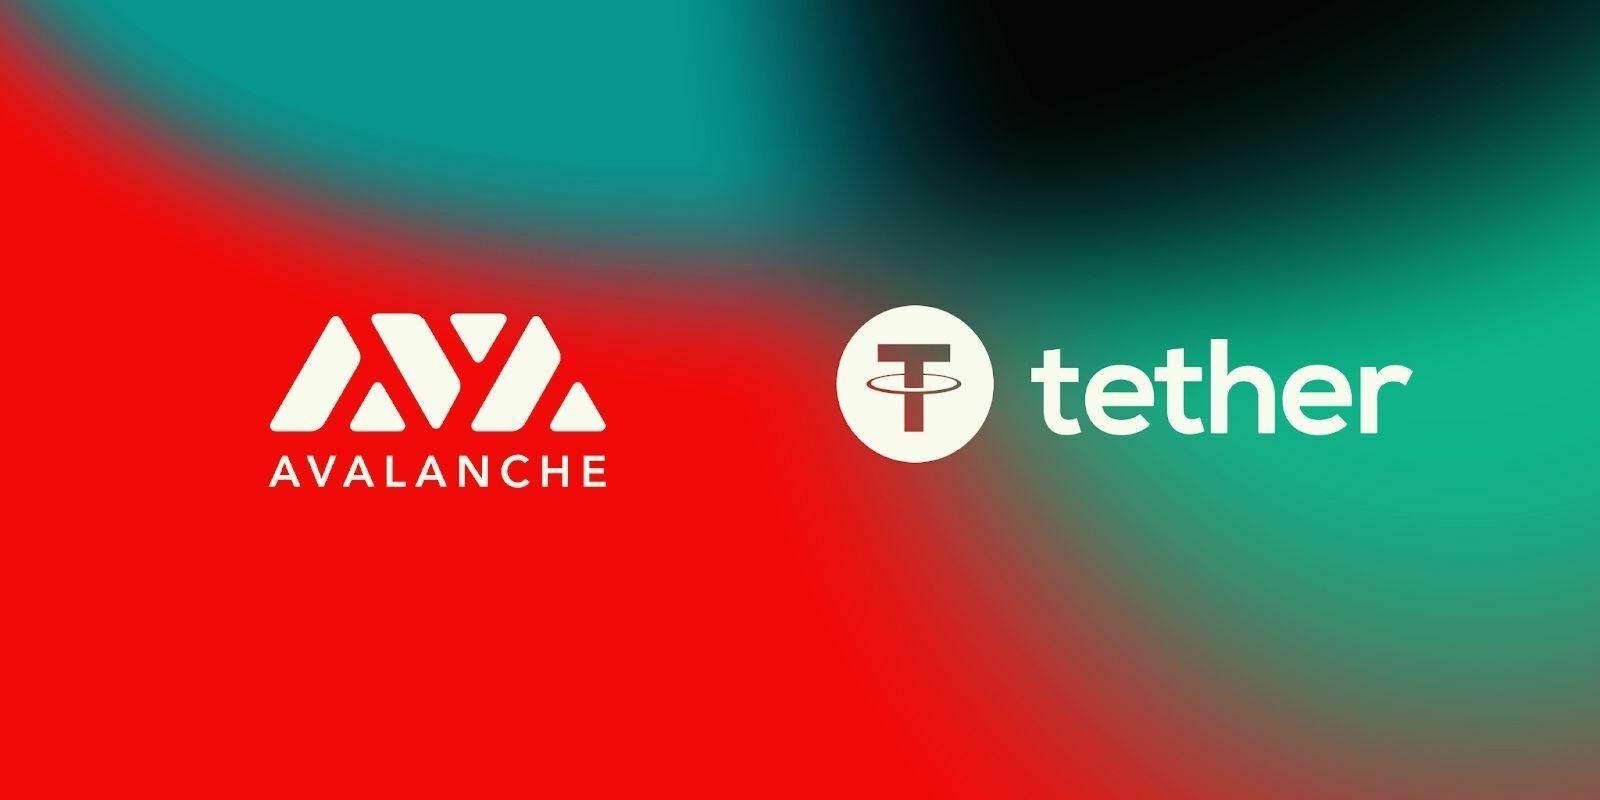 Le stablecoin Tether (USDT) se lance sur la blockchain Avalanche (AVAX)